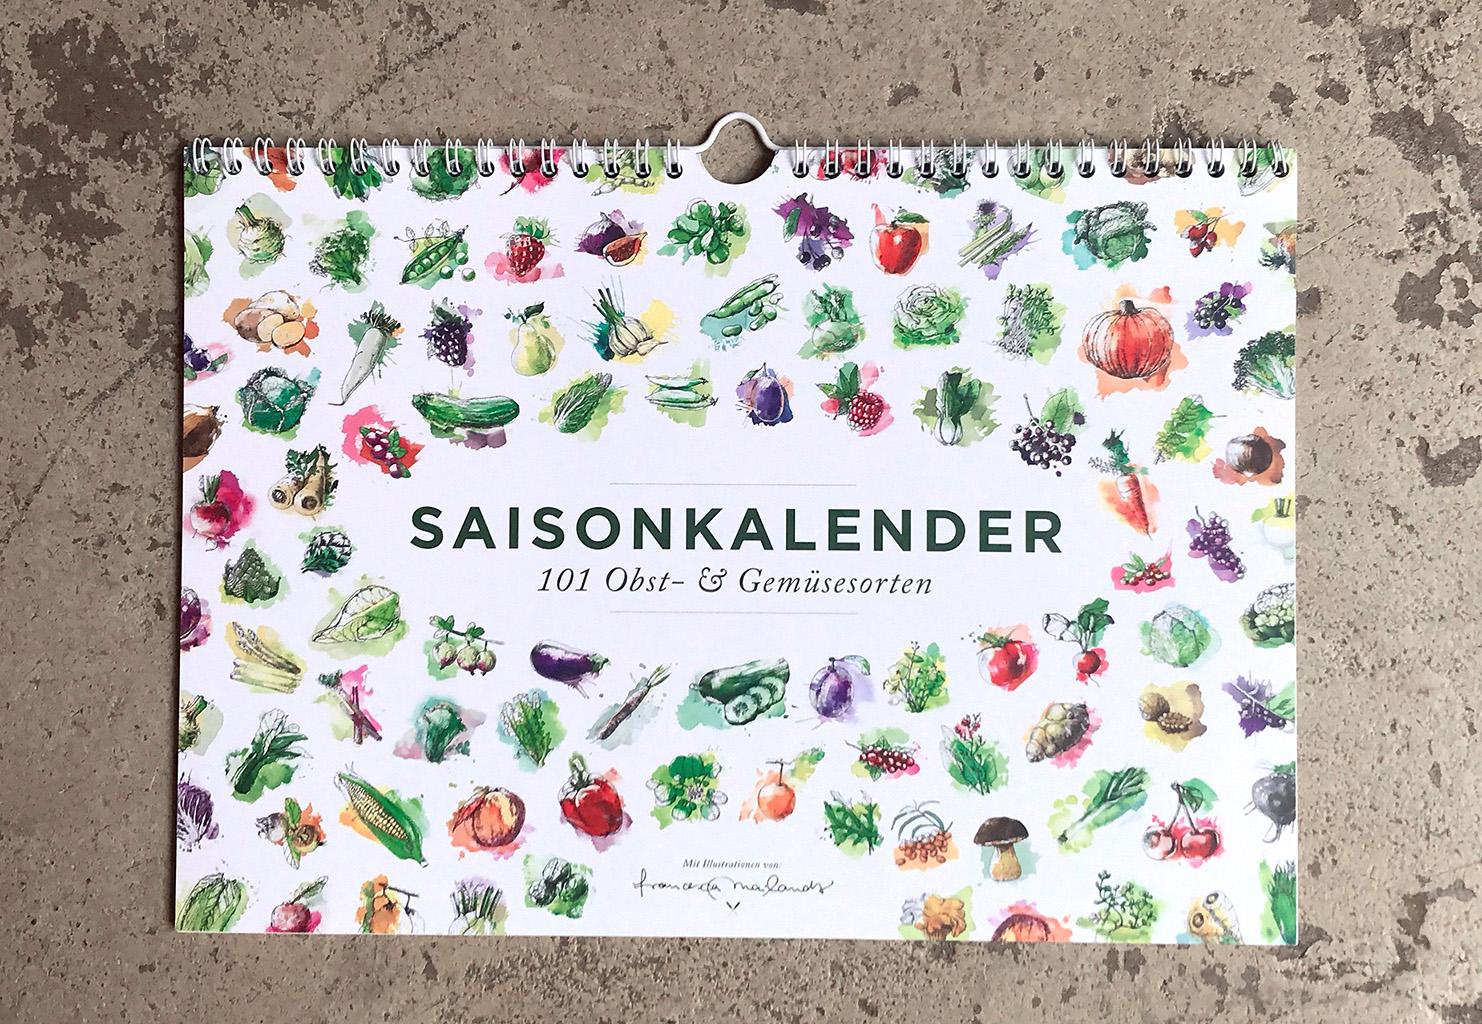 Ewiger Saisonkalender für 101 Obst & Gemüsesorten in Farbe